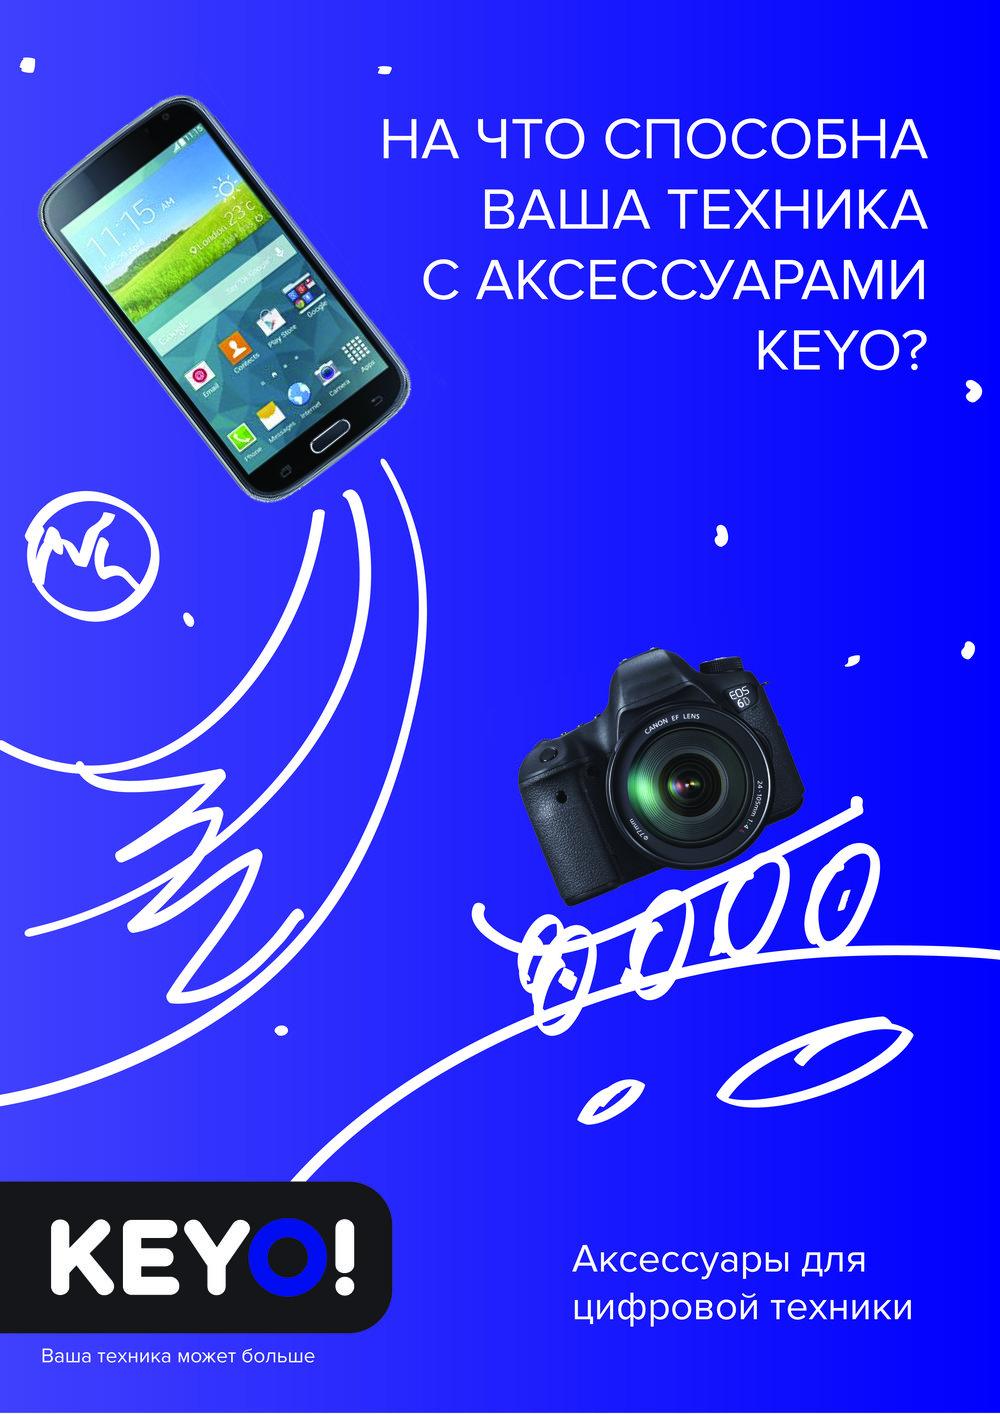 Keyo!_final_04.jpg